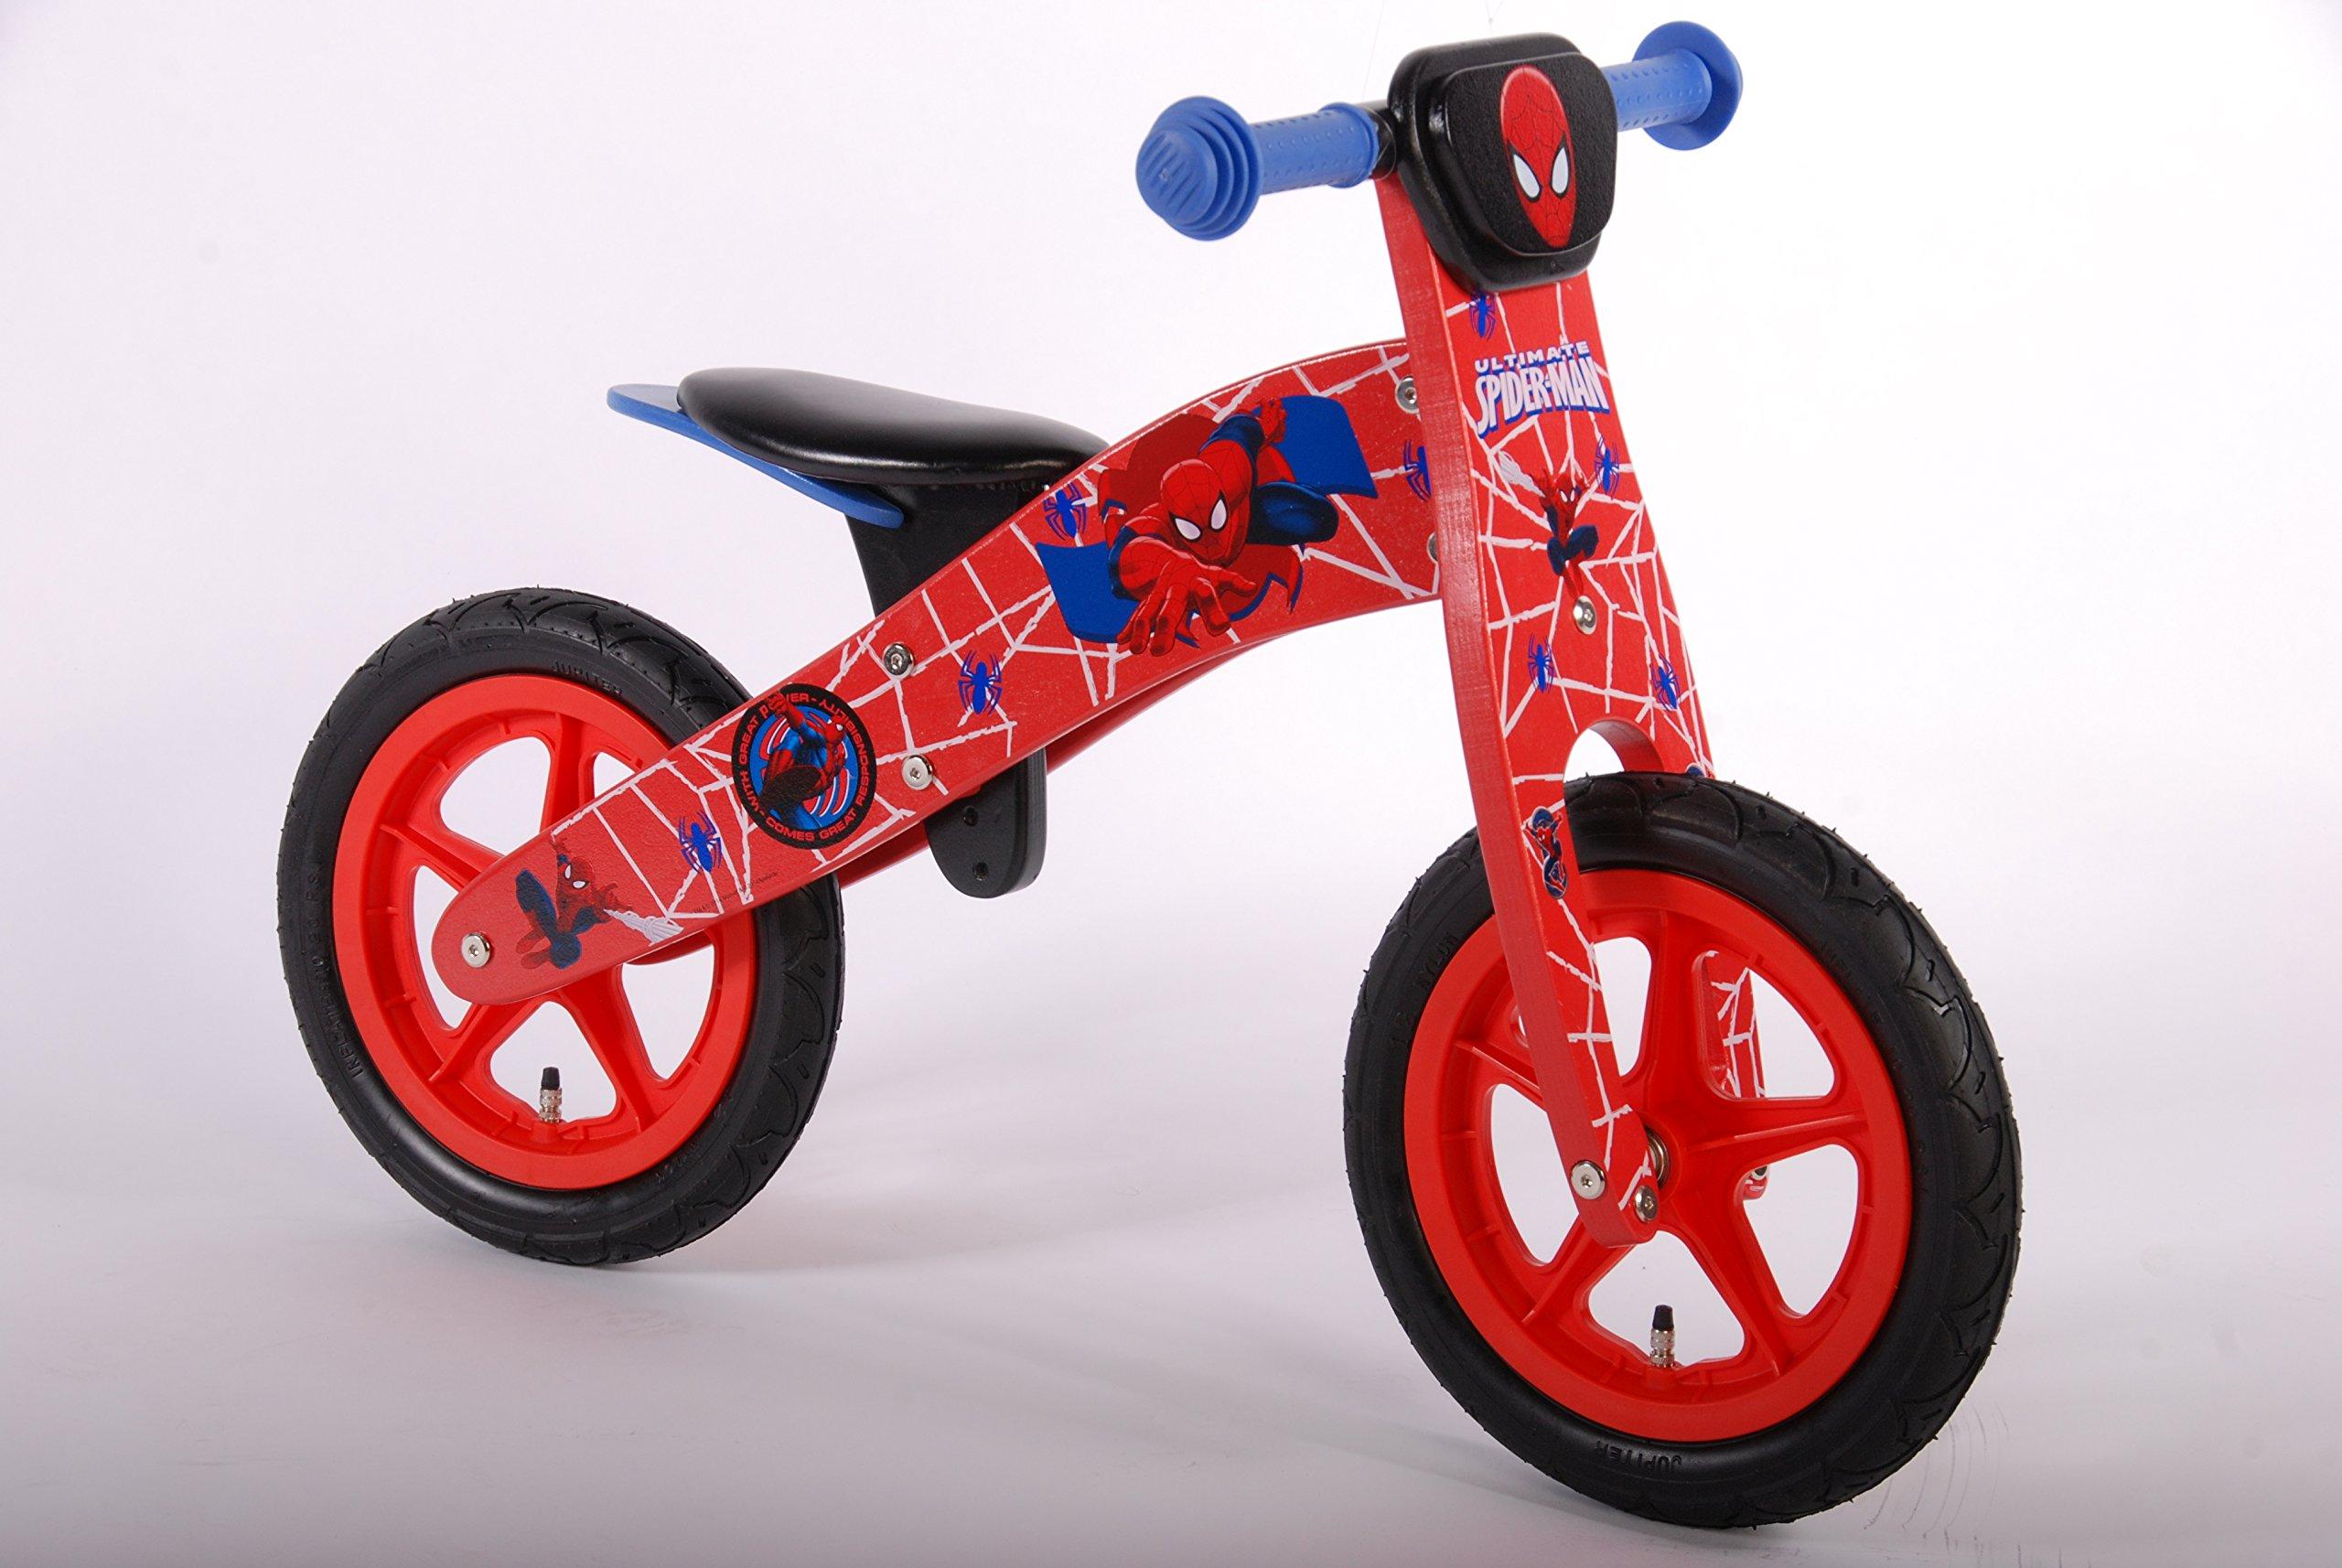 Marvel volare00553 12-Inch volare Bicicleta de Equilibrio de Madera de los niños: Amazon.es: Deportes y aire libre